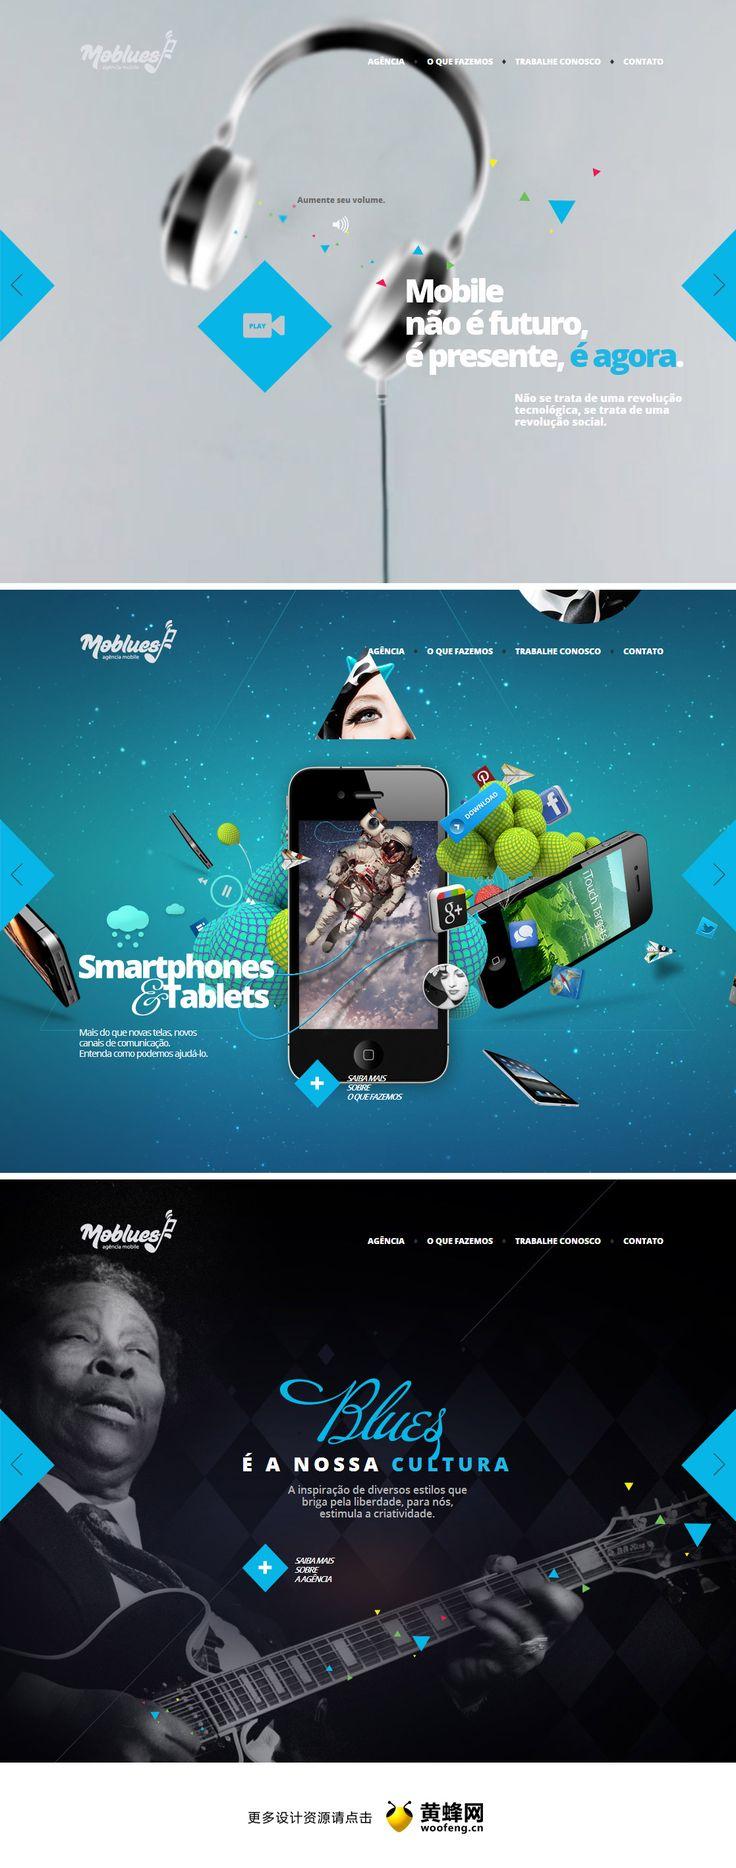 Moblues #webdesign #ResponsiveDesign #Website #Web #Design #UI #UX #GUI #Brand #Logo #Amazing #Site #GraphicDesign